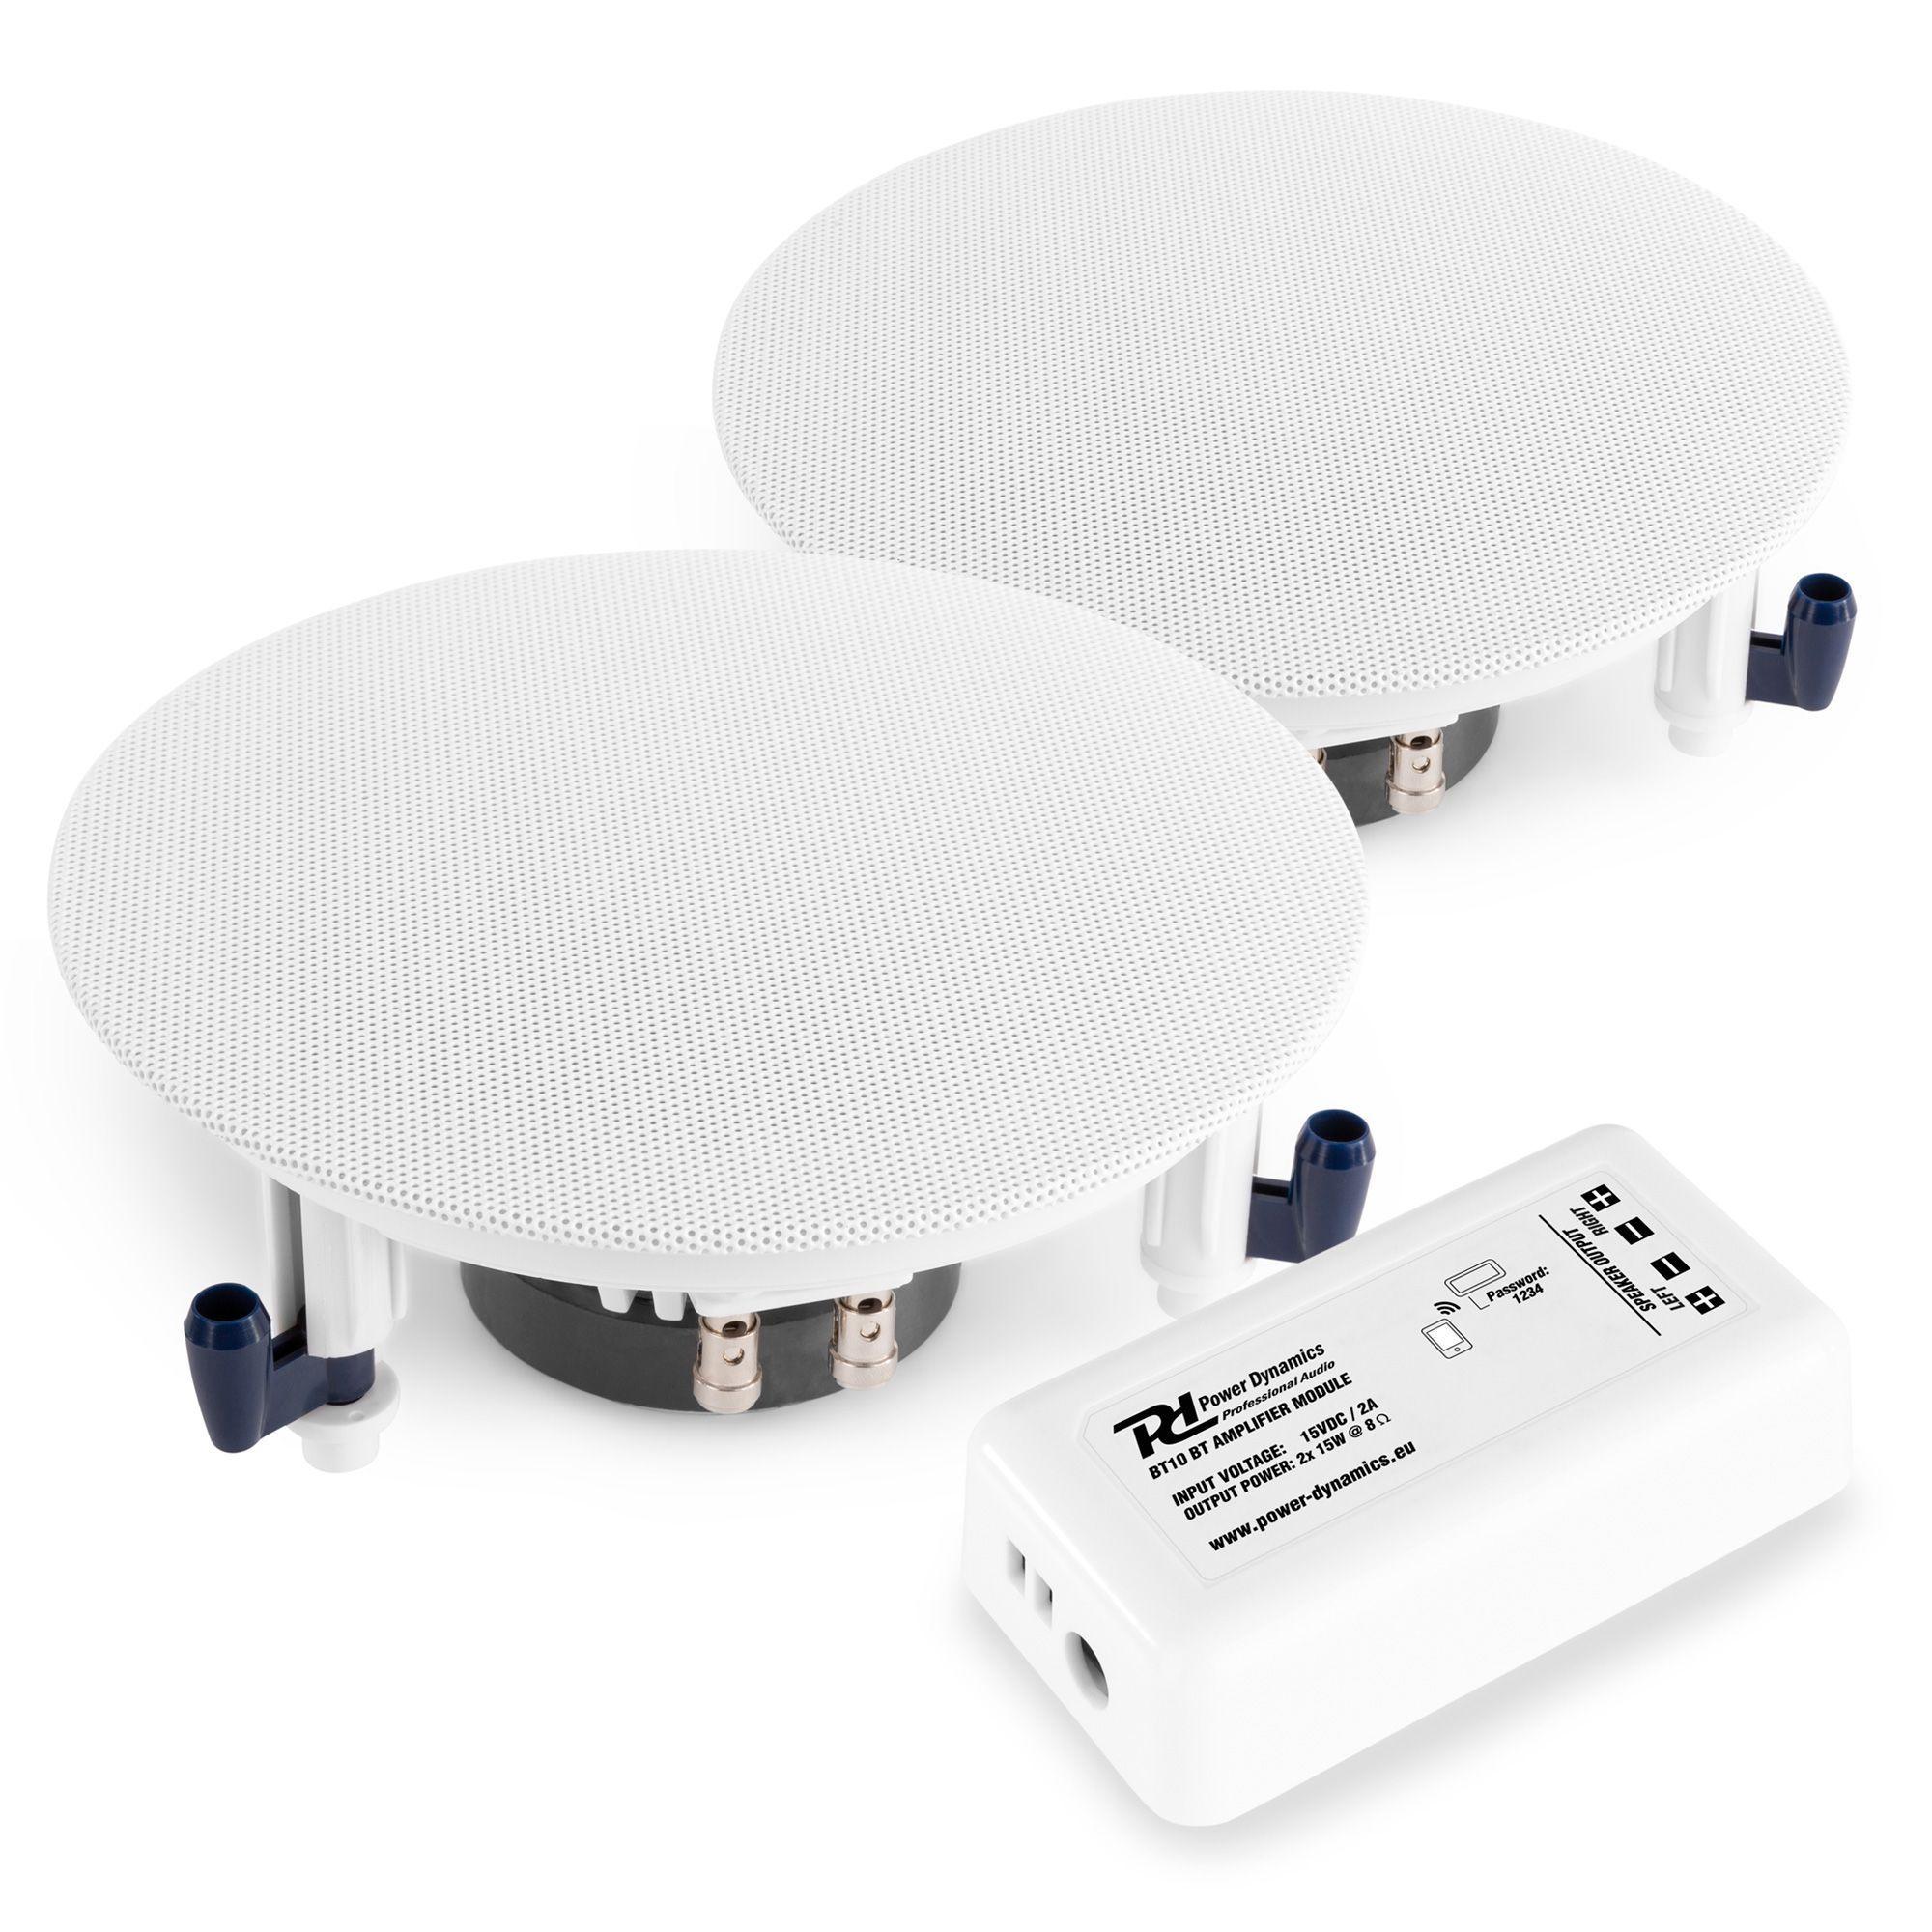 Ljudpaket med 2st ESCS5 inbyggnadshögtalare + BT10 Bluetooth-förstärkare